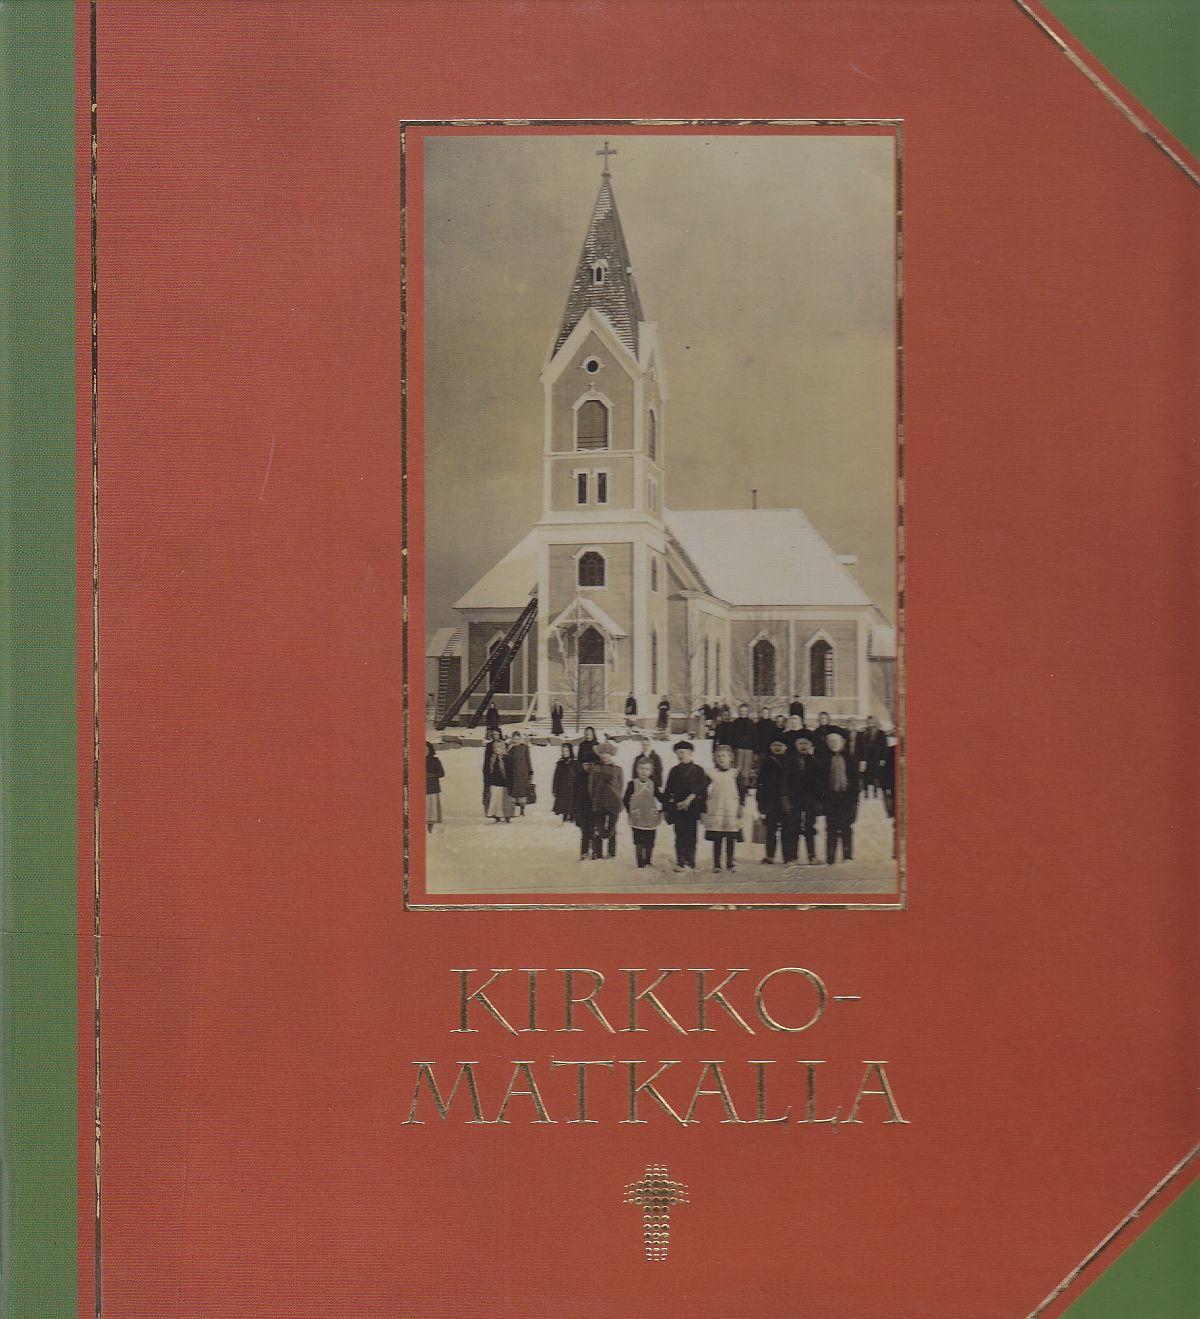 Kirkkomatkalla teoksen kannessa on Ylivieskan kirkko vuodelta 1907.